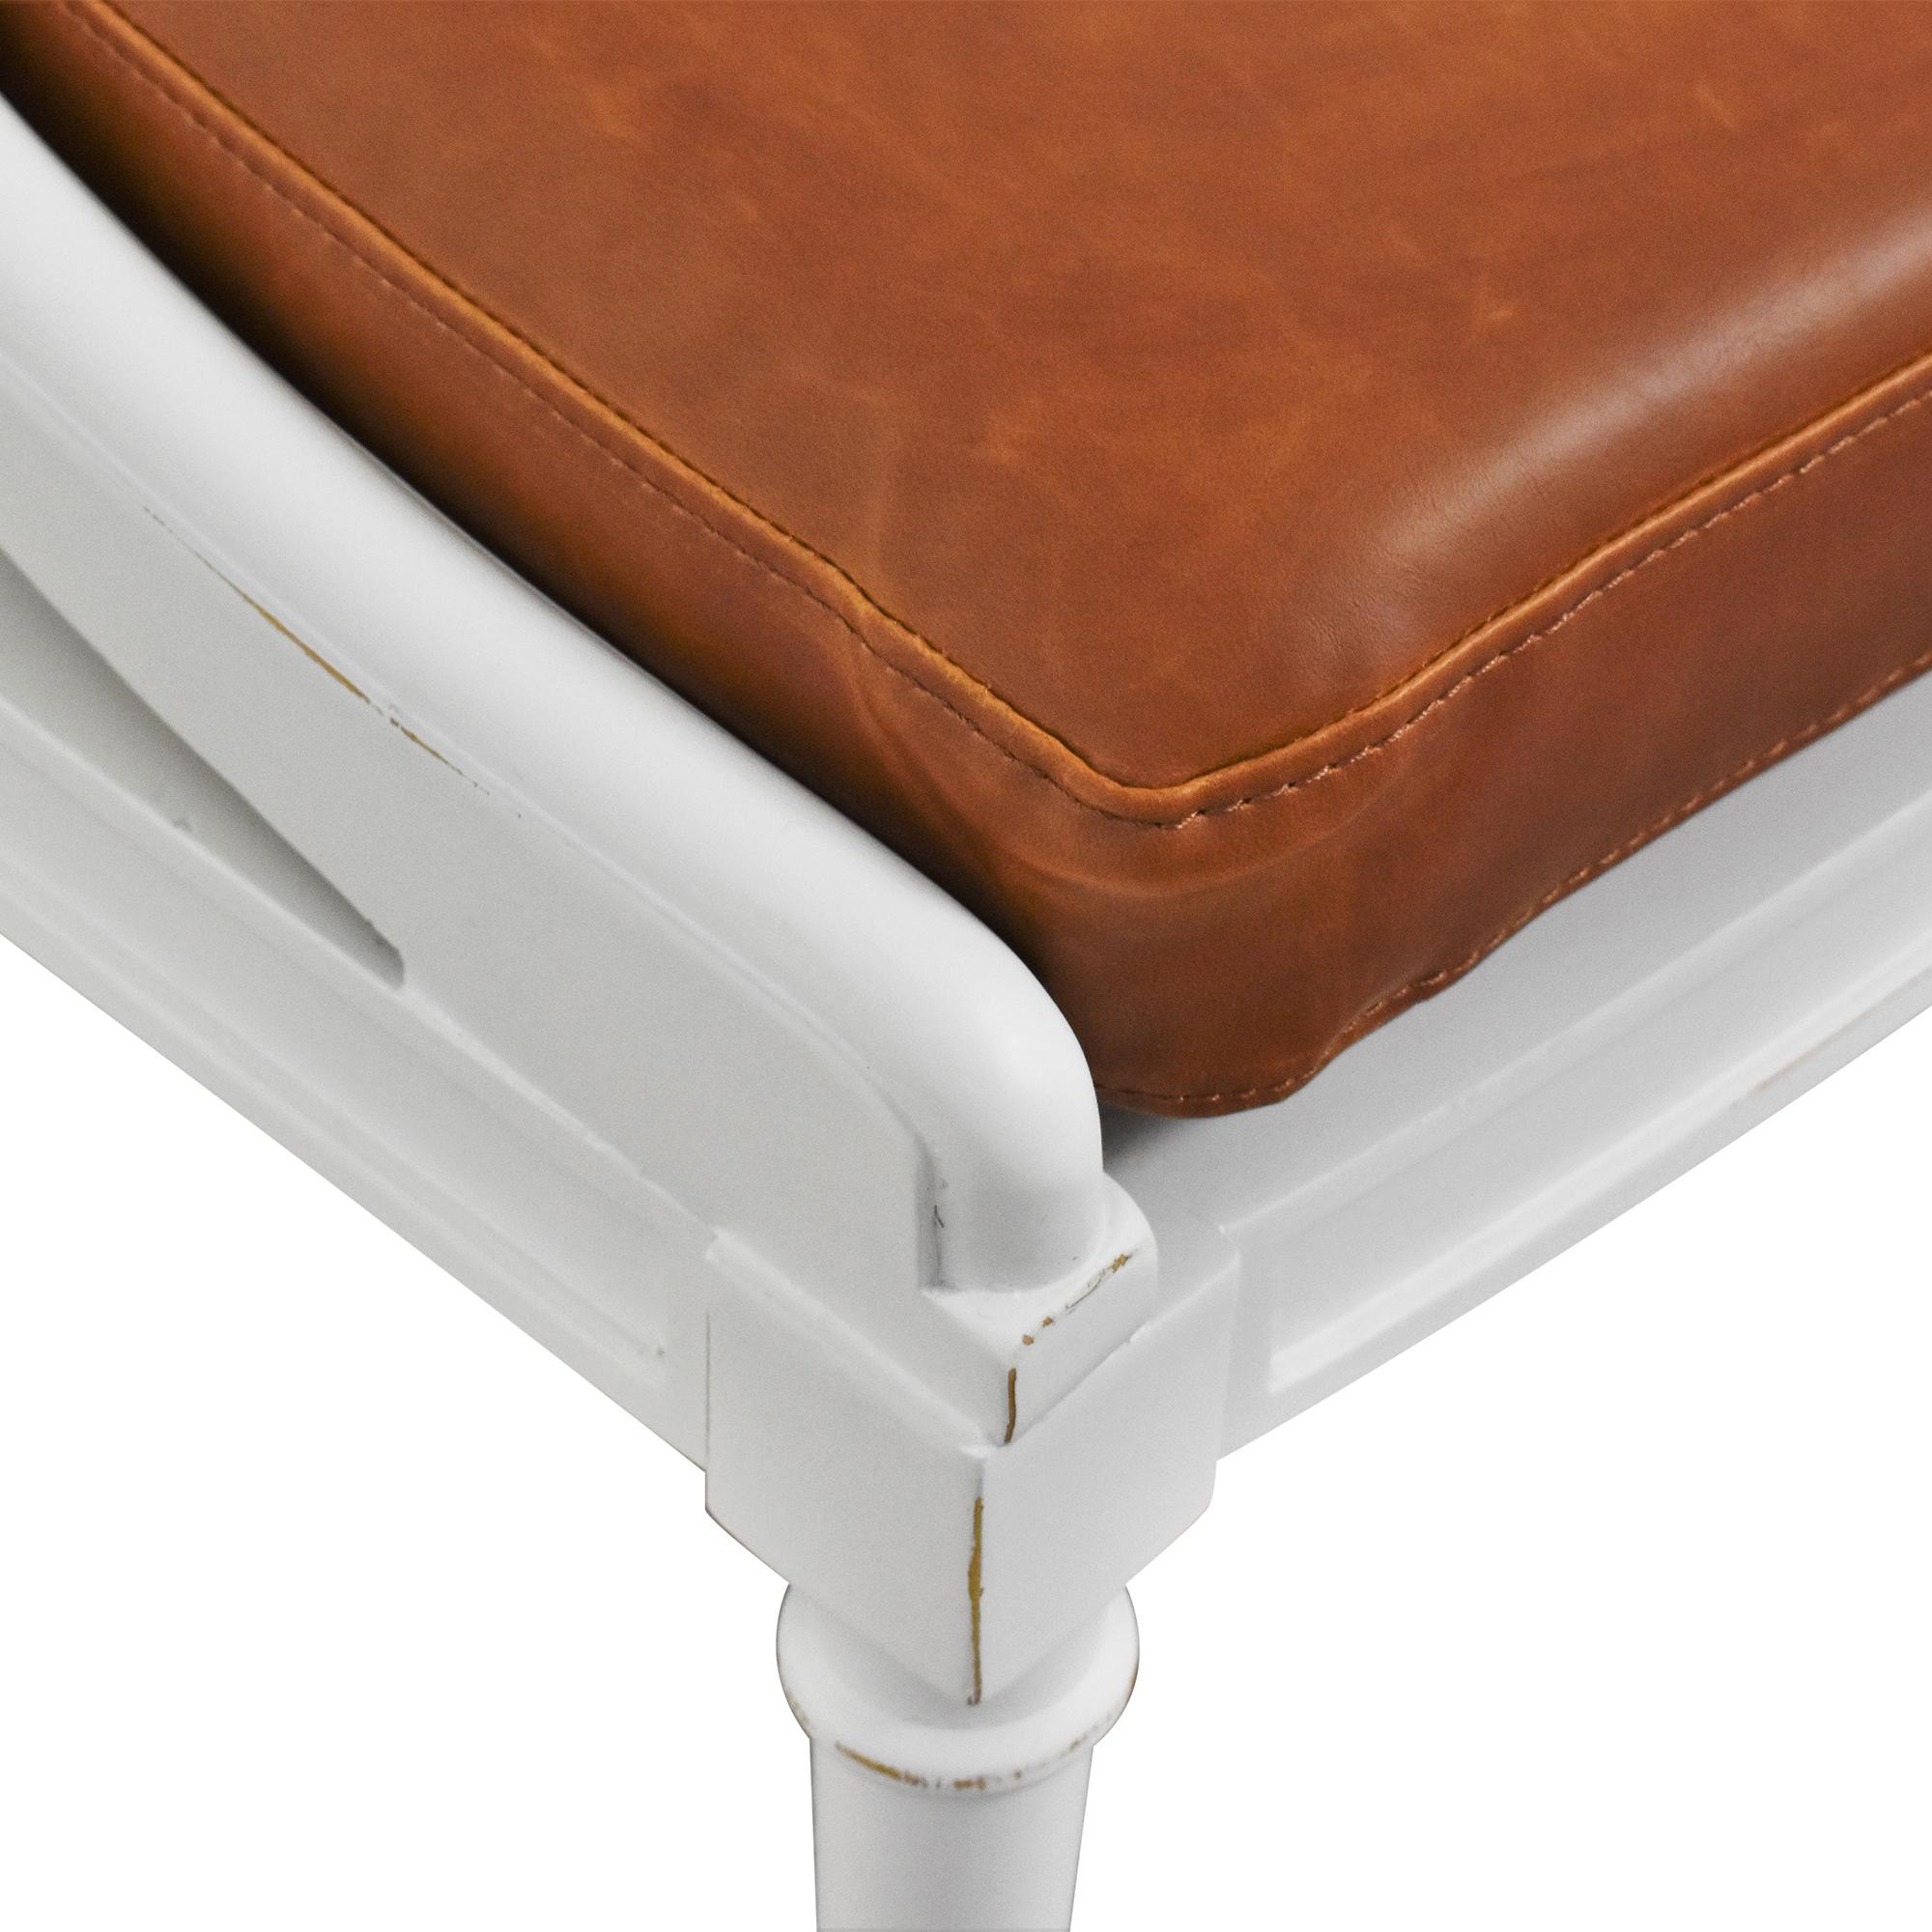 Safavieh Safavieh Saylor Dining Chair pa